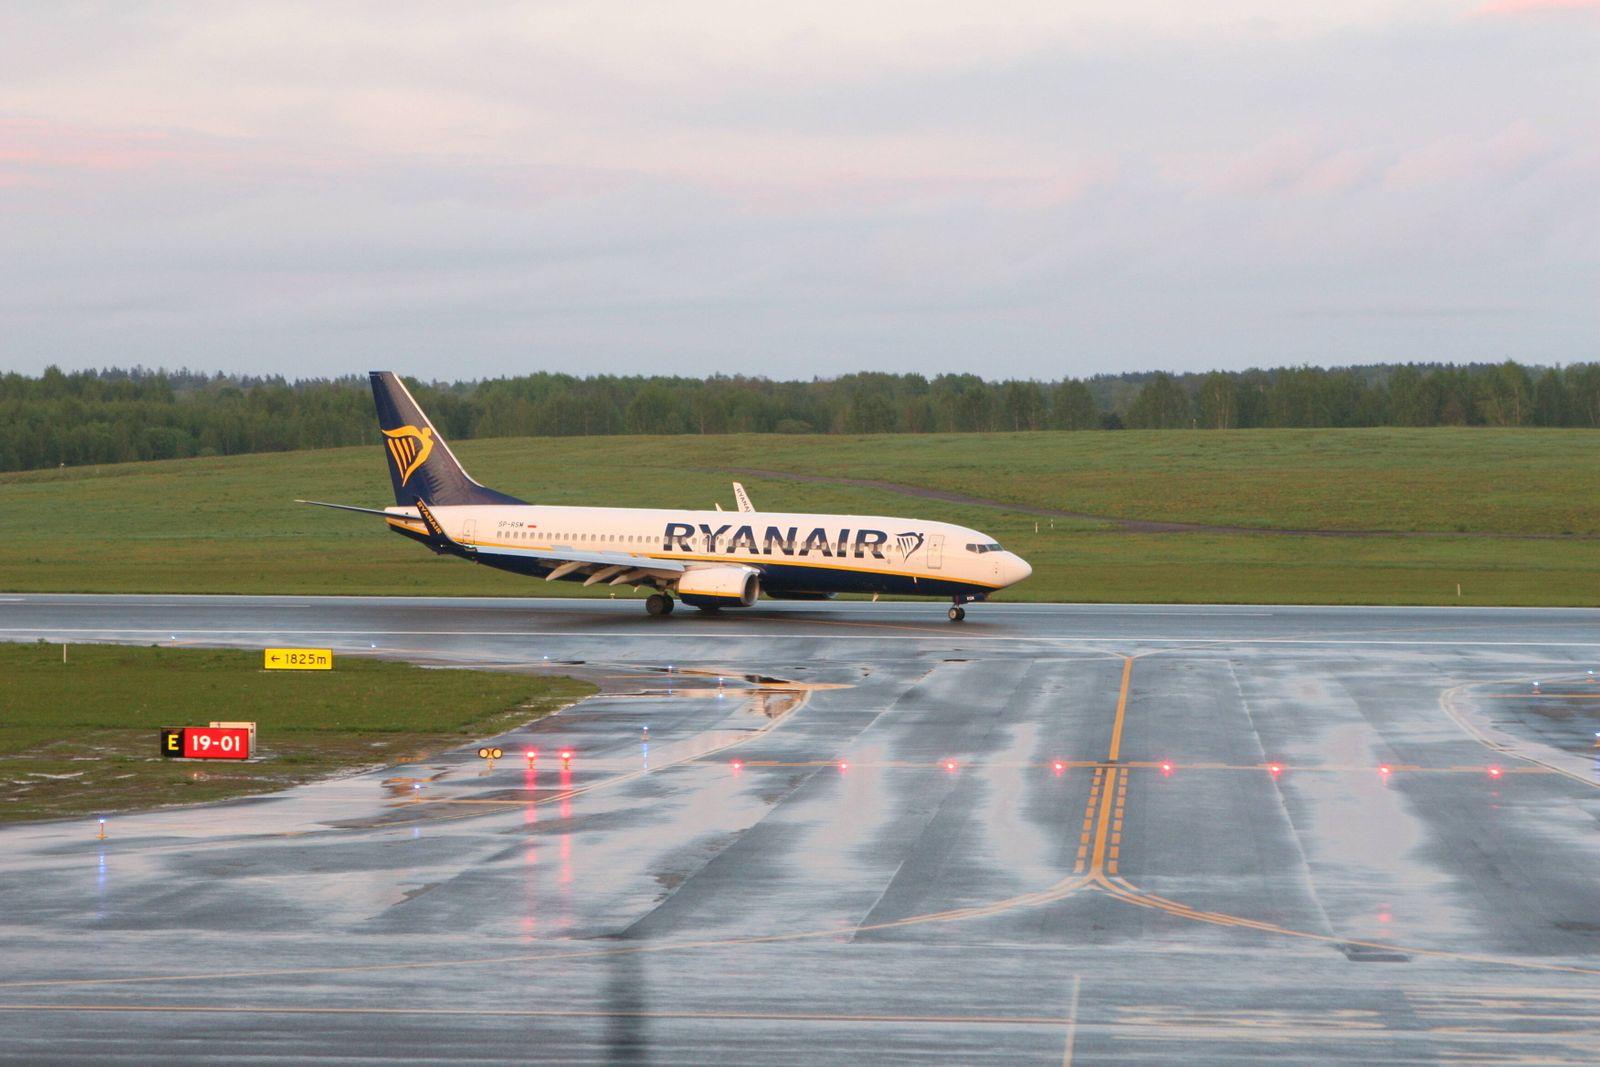 News Bilder des Tages 2021-05-23 Vilnius Lithuania. Ryanair Boeing 737 SP-RSM lands in Vilnius from Minsk at about 21:30